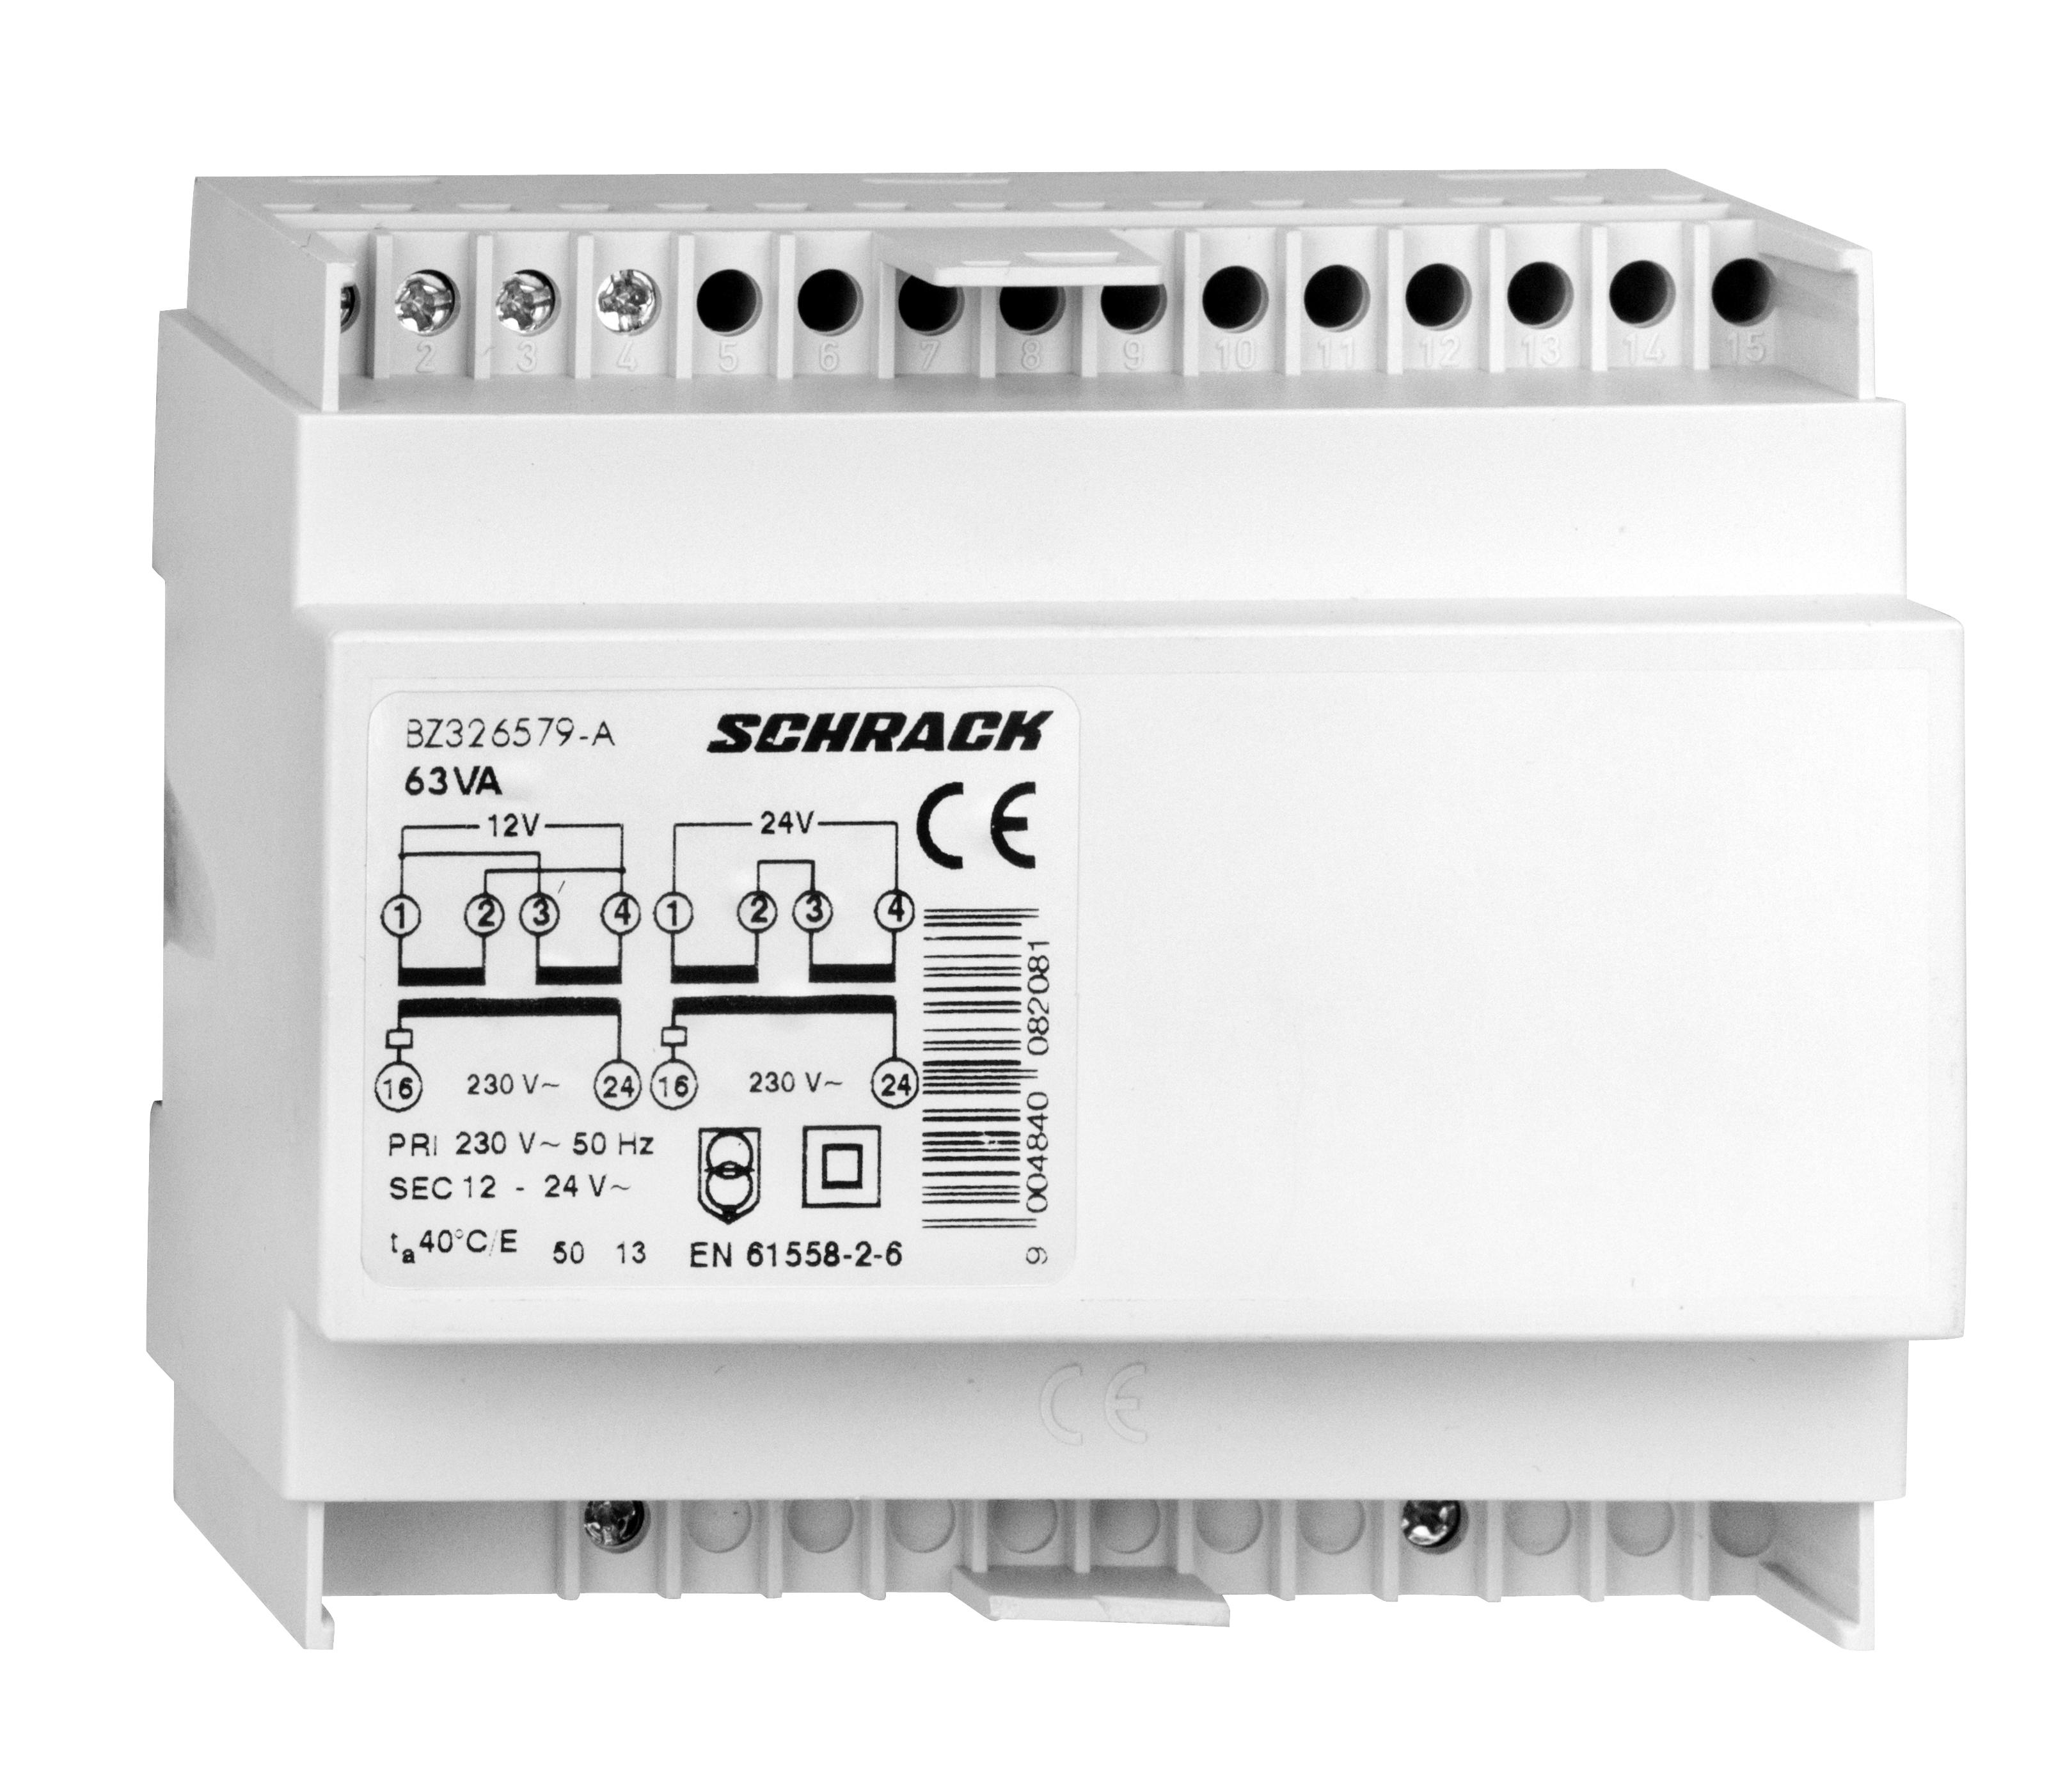 1 Stk RE-Schutztrafo 230VAC primär, 12-24VAC sekundär, 63VA BZ326579-A